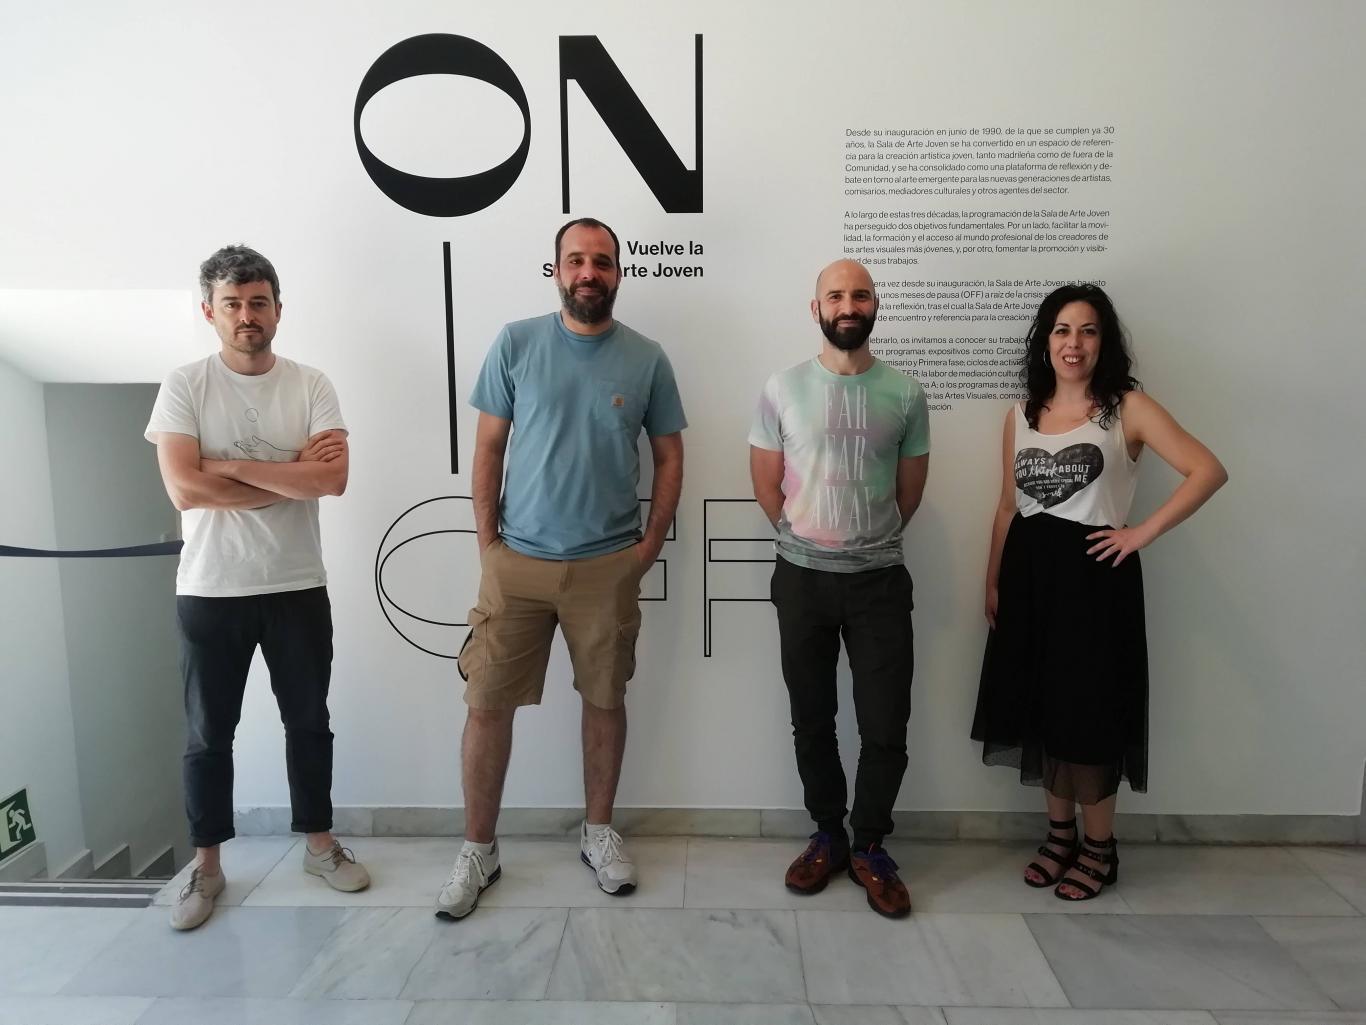 Foto de grupo de Carlos Mayordomo , Xián Rodríguez, Guillermo Mora y  Emma Trinidad.